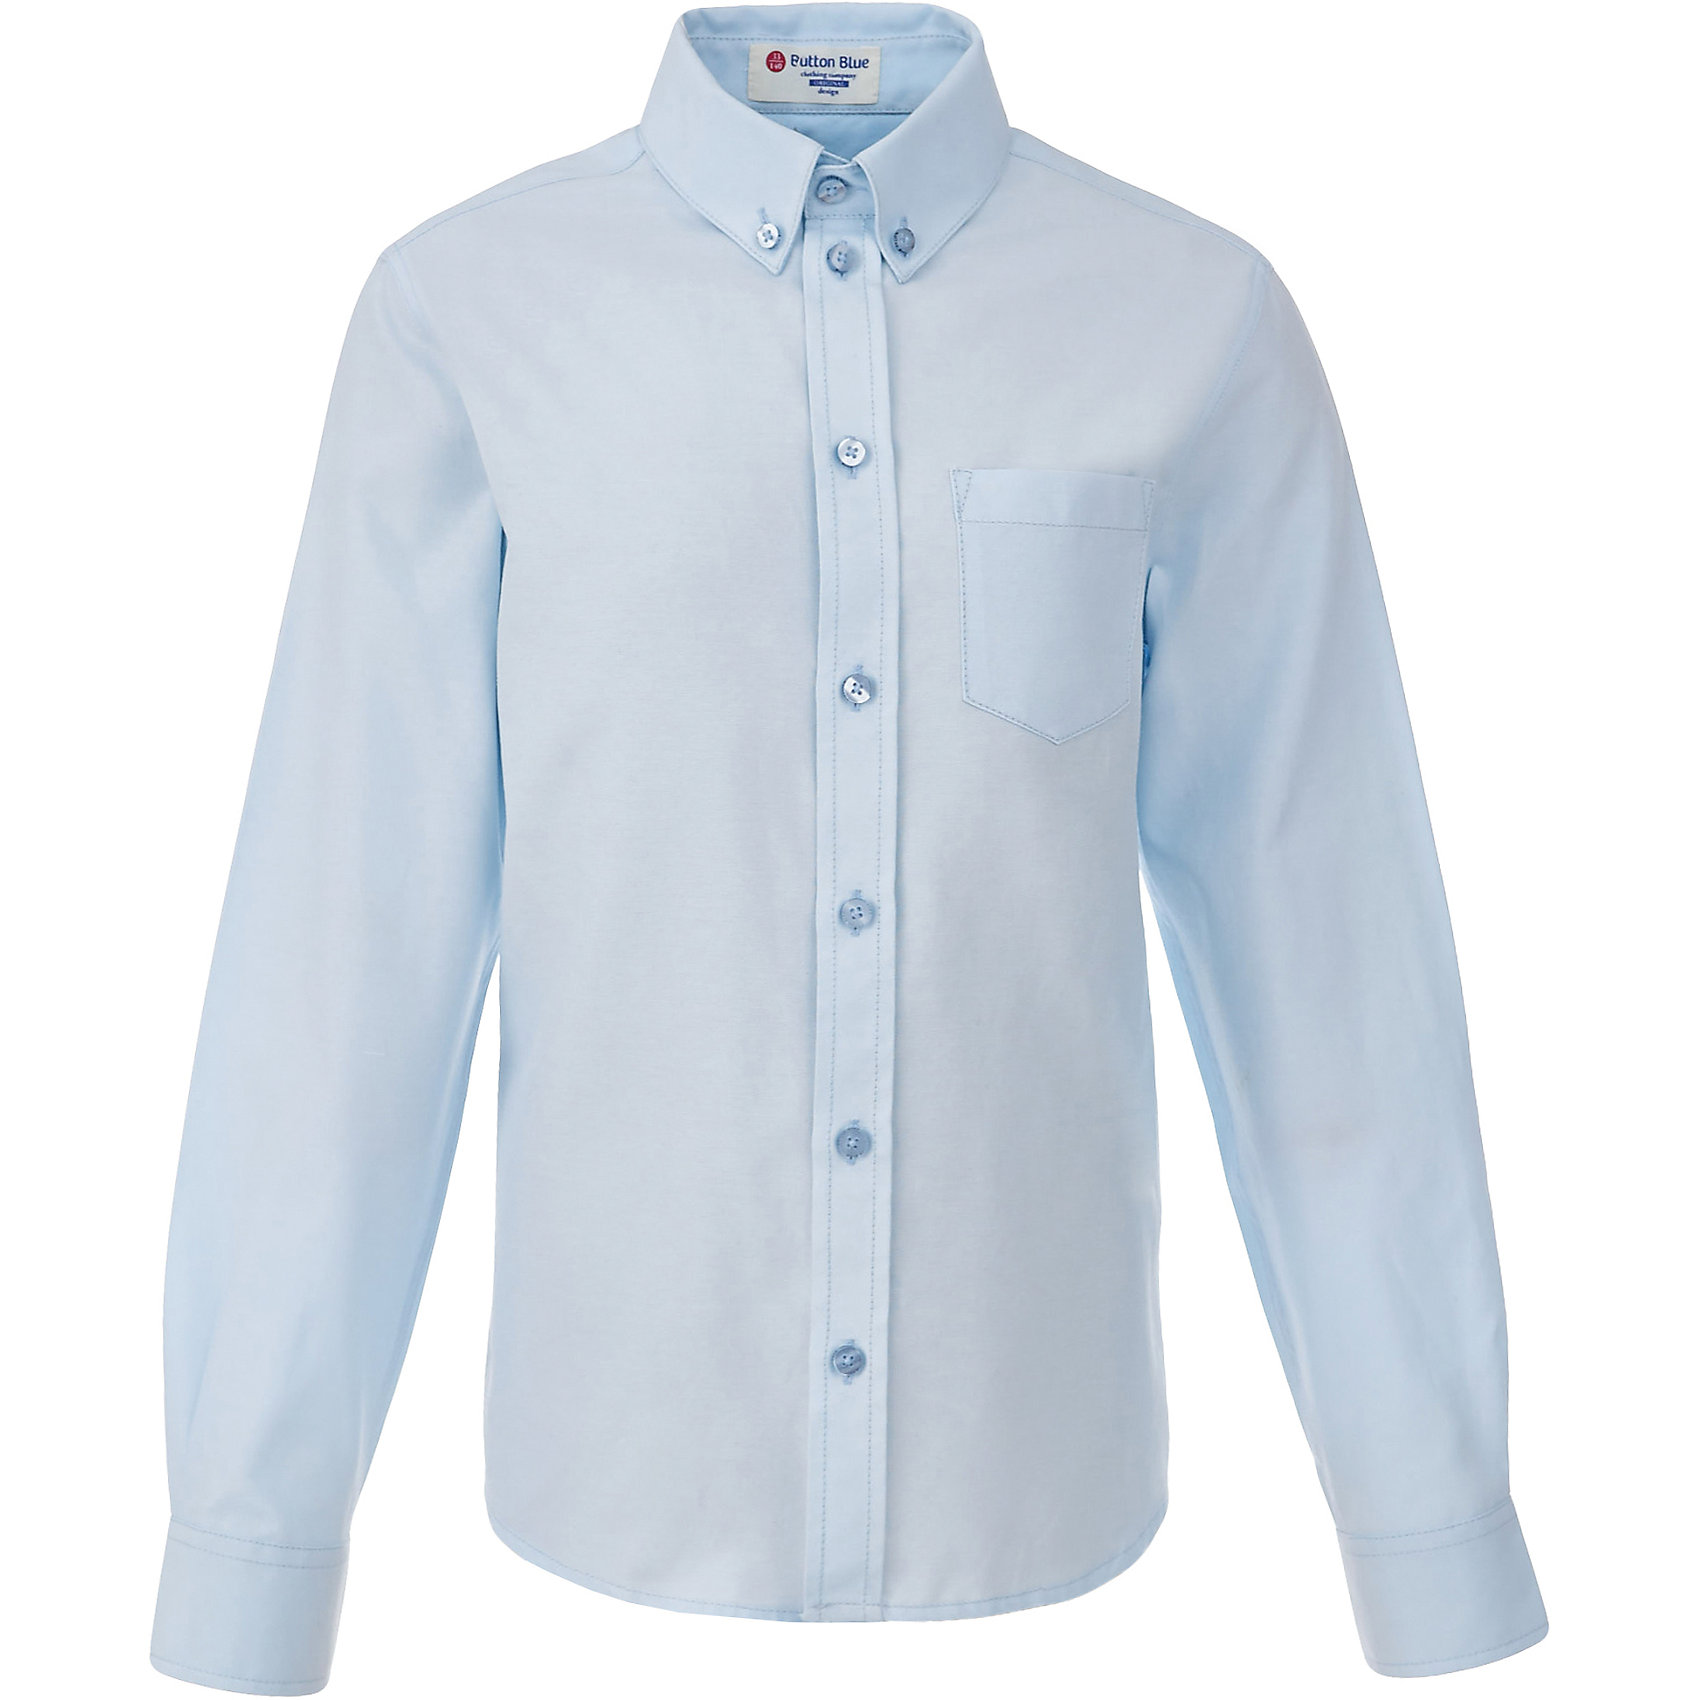 Рубашка для мальчика BUTTON BLUEБлузки и рубашки<br>Рубашка для мальчика BUTTON BLUE<br>Рубашка для мальчика - основа повседневного школьного образа! Школьные рубашки от Button Blue - это качество и комфорт, отличный внешний вид, удобство в уходе, высокая износостойкость. Какая детская рубашка для школы займет место в гардеробе вашего ребенка - зависит только от вас! Готовясь к школьному сезону, вам стоит купить рубашки в трех-четырех цветах, чтобы разнообразить будни ученика.<br>Состав:<br>60% хлопок                40% полиэстер<br><br>Ширина мм: 174<br>Глубина мм: 10<br>Высота мм: 169<br>Вес г: 157<br>Цвет: голубой<br>Возраст от месяцев: 96<br>Возраст до месяцев: 108<br>Пол: Мужской<br>Возраст: Детский<br>Размер: 134,140,146,152,158,122,164,128<br>SKU: 6739162